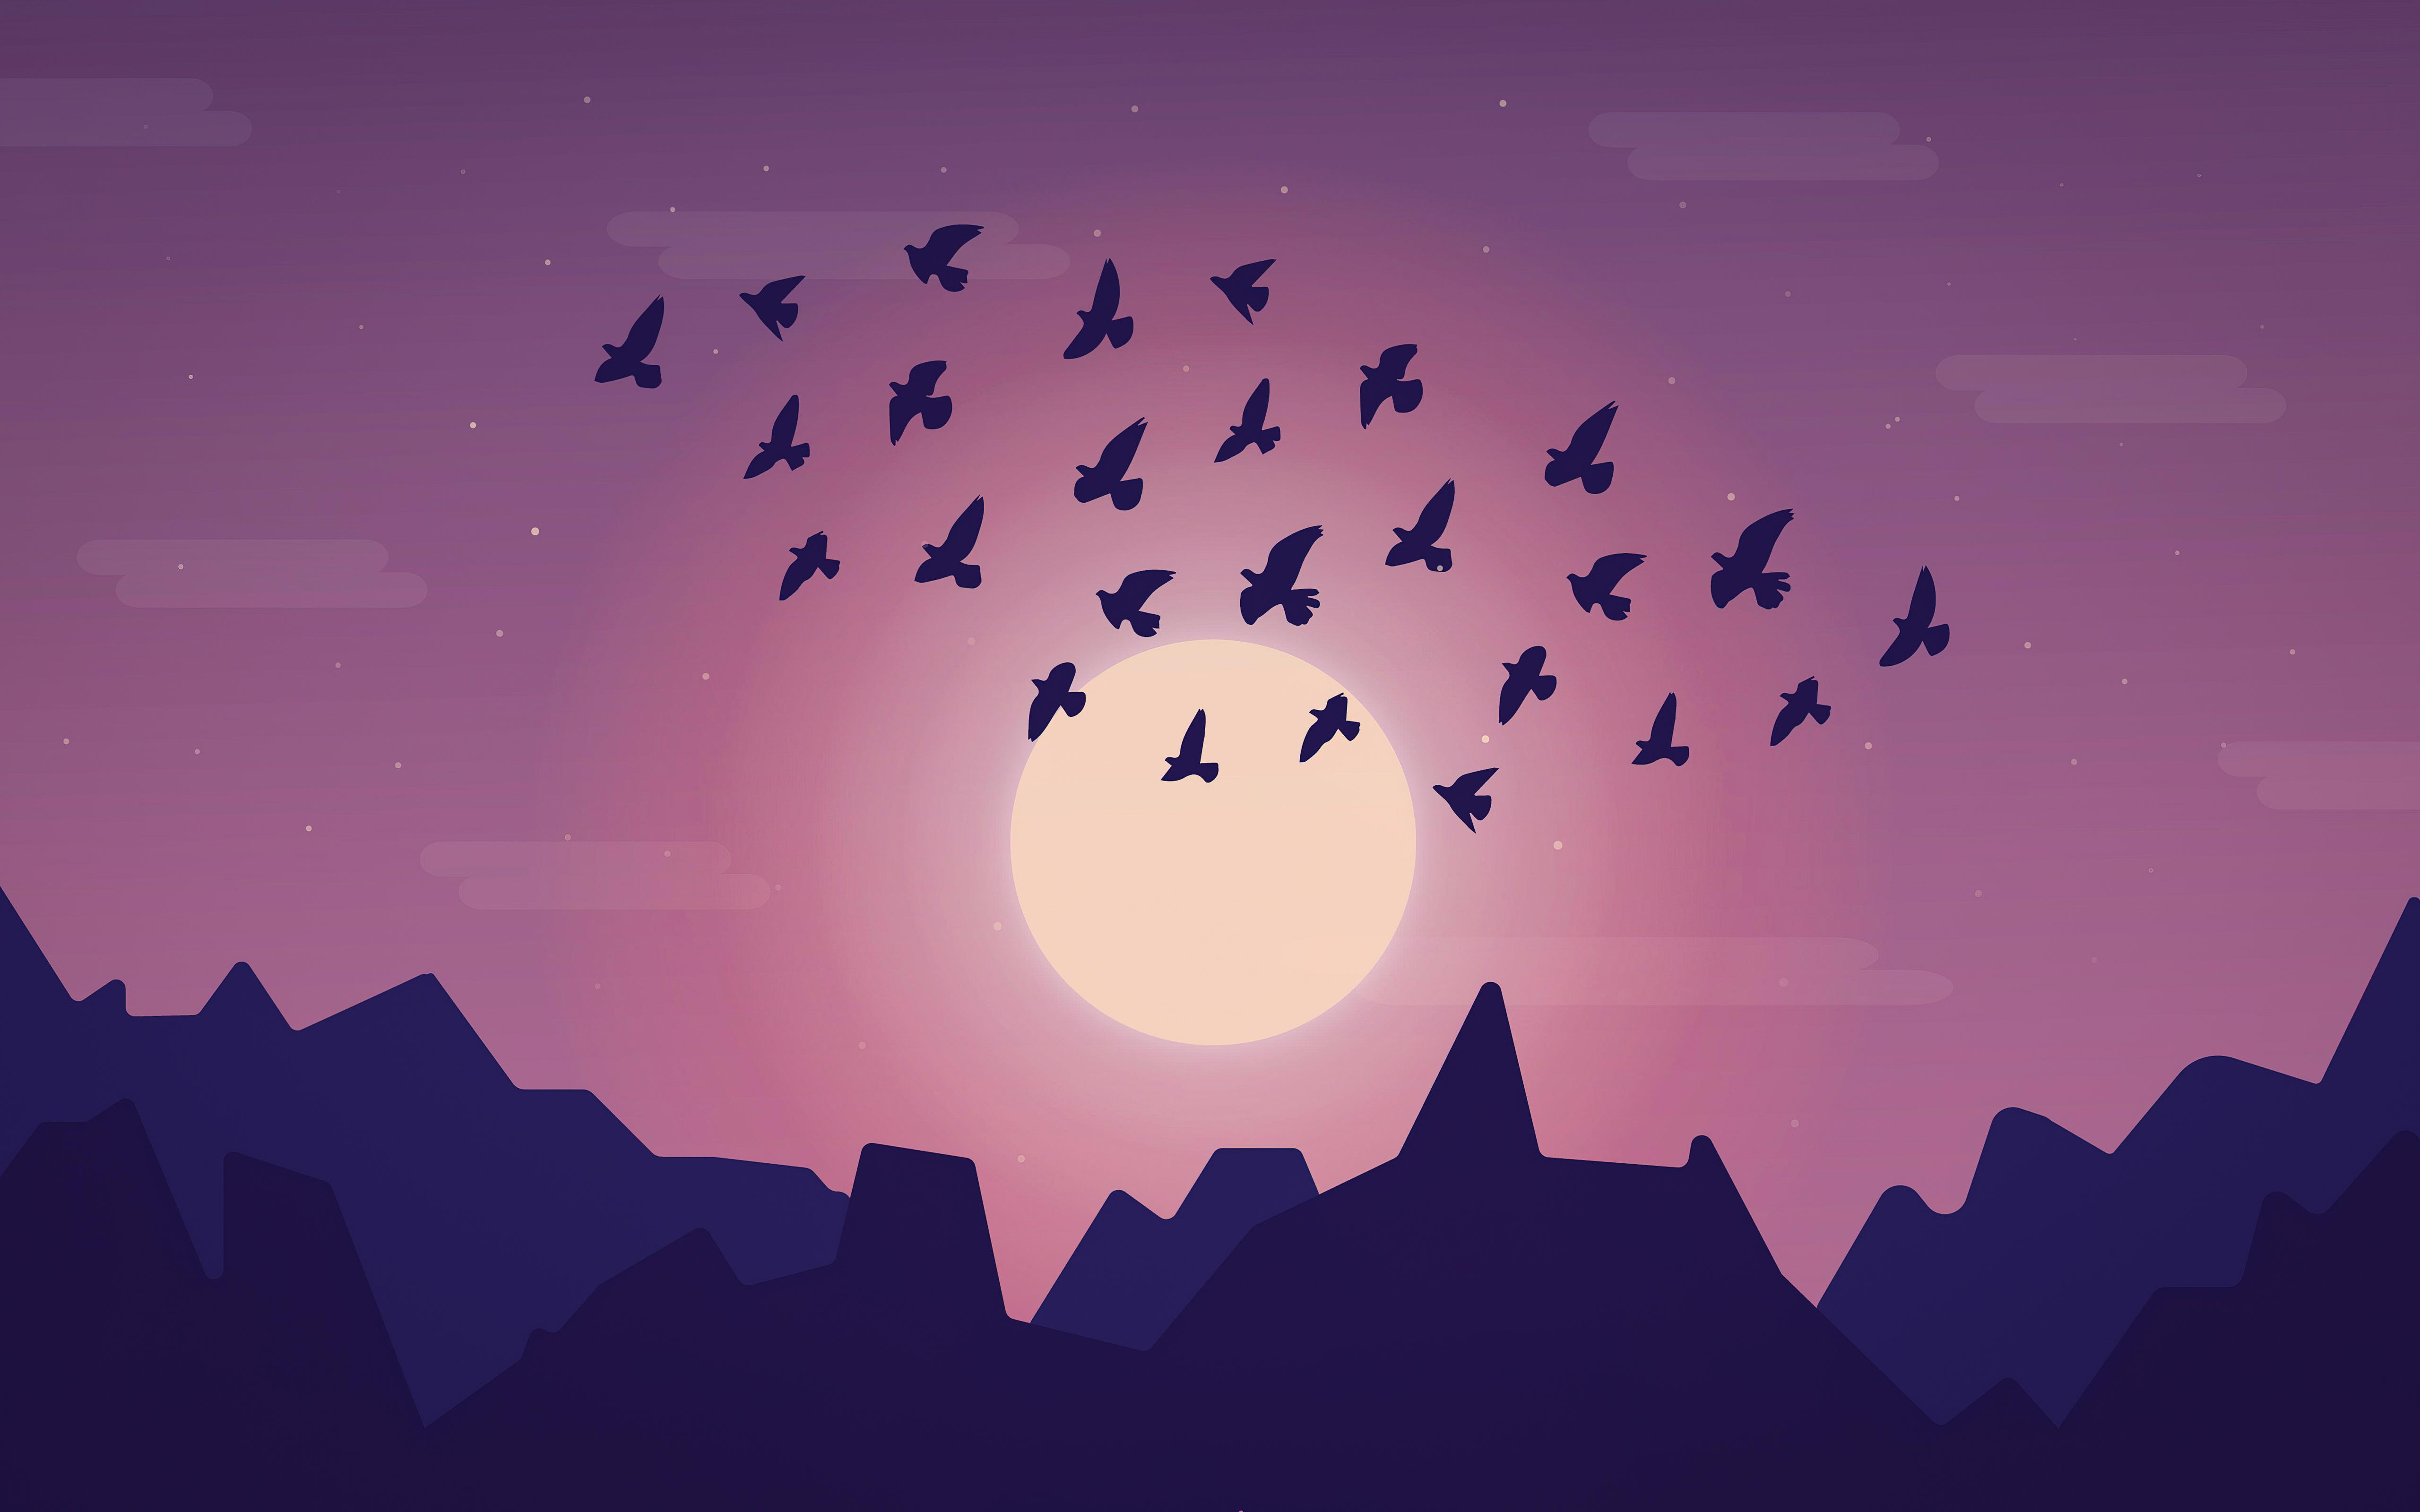 birds sky minimal 4k 1618132771 - Birds Sky Minimal 4k - Birds Sky Minimal 4k wallpapers